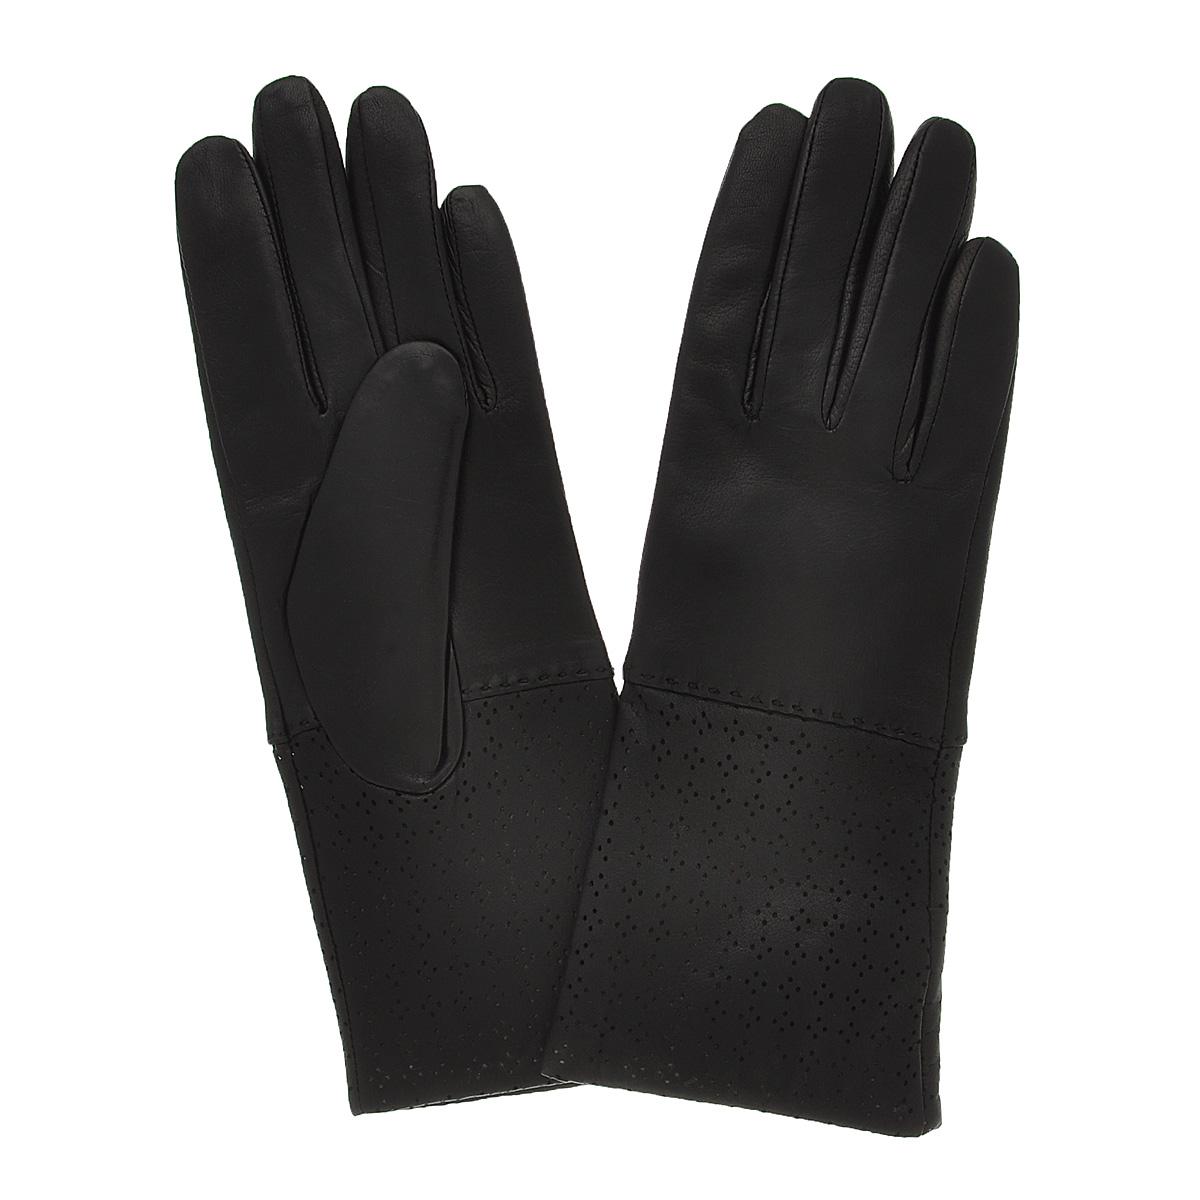 ПерчаткиK11-OSE/BLСтильные перчатки Michel Katana с шерстяной подкладкой выполнены из мягкой и приятной на ощупь натуральной кожи ягненка и оформлены декоративными стежками. Перчатки станут достойным элементом вашего стиля и сохранят тепло ваших рук. Это не просто модный аксессуар, но и уникальный авторский стиль, наполненный духом севера Франции.